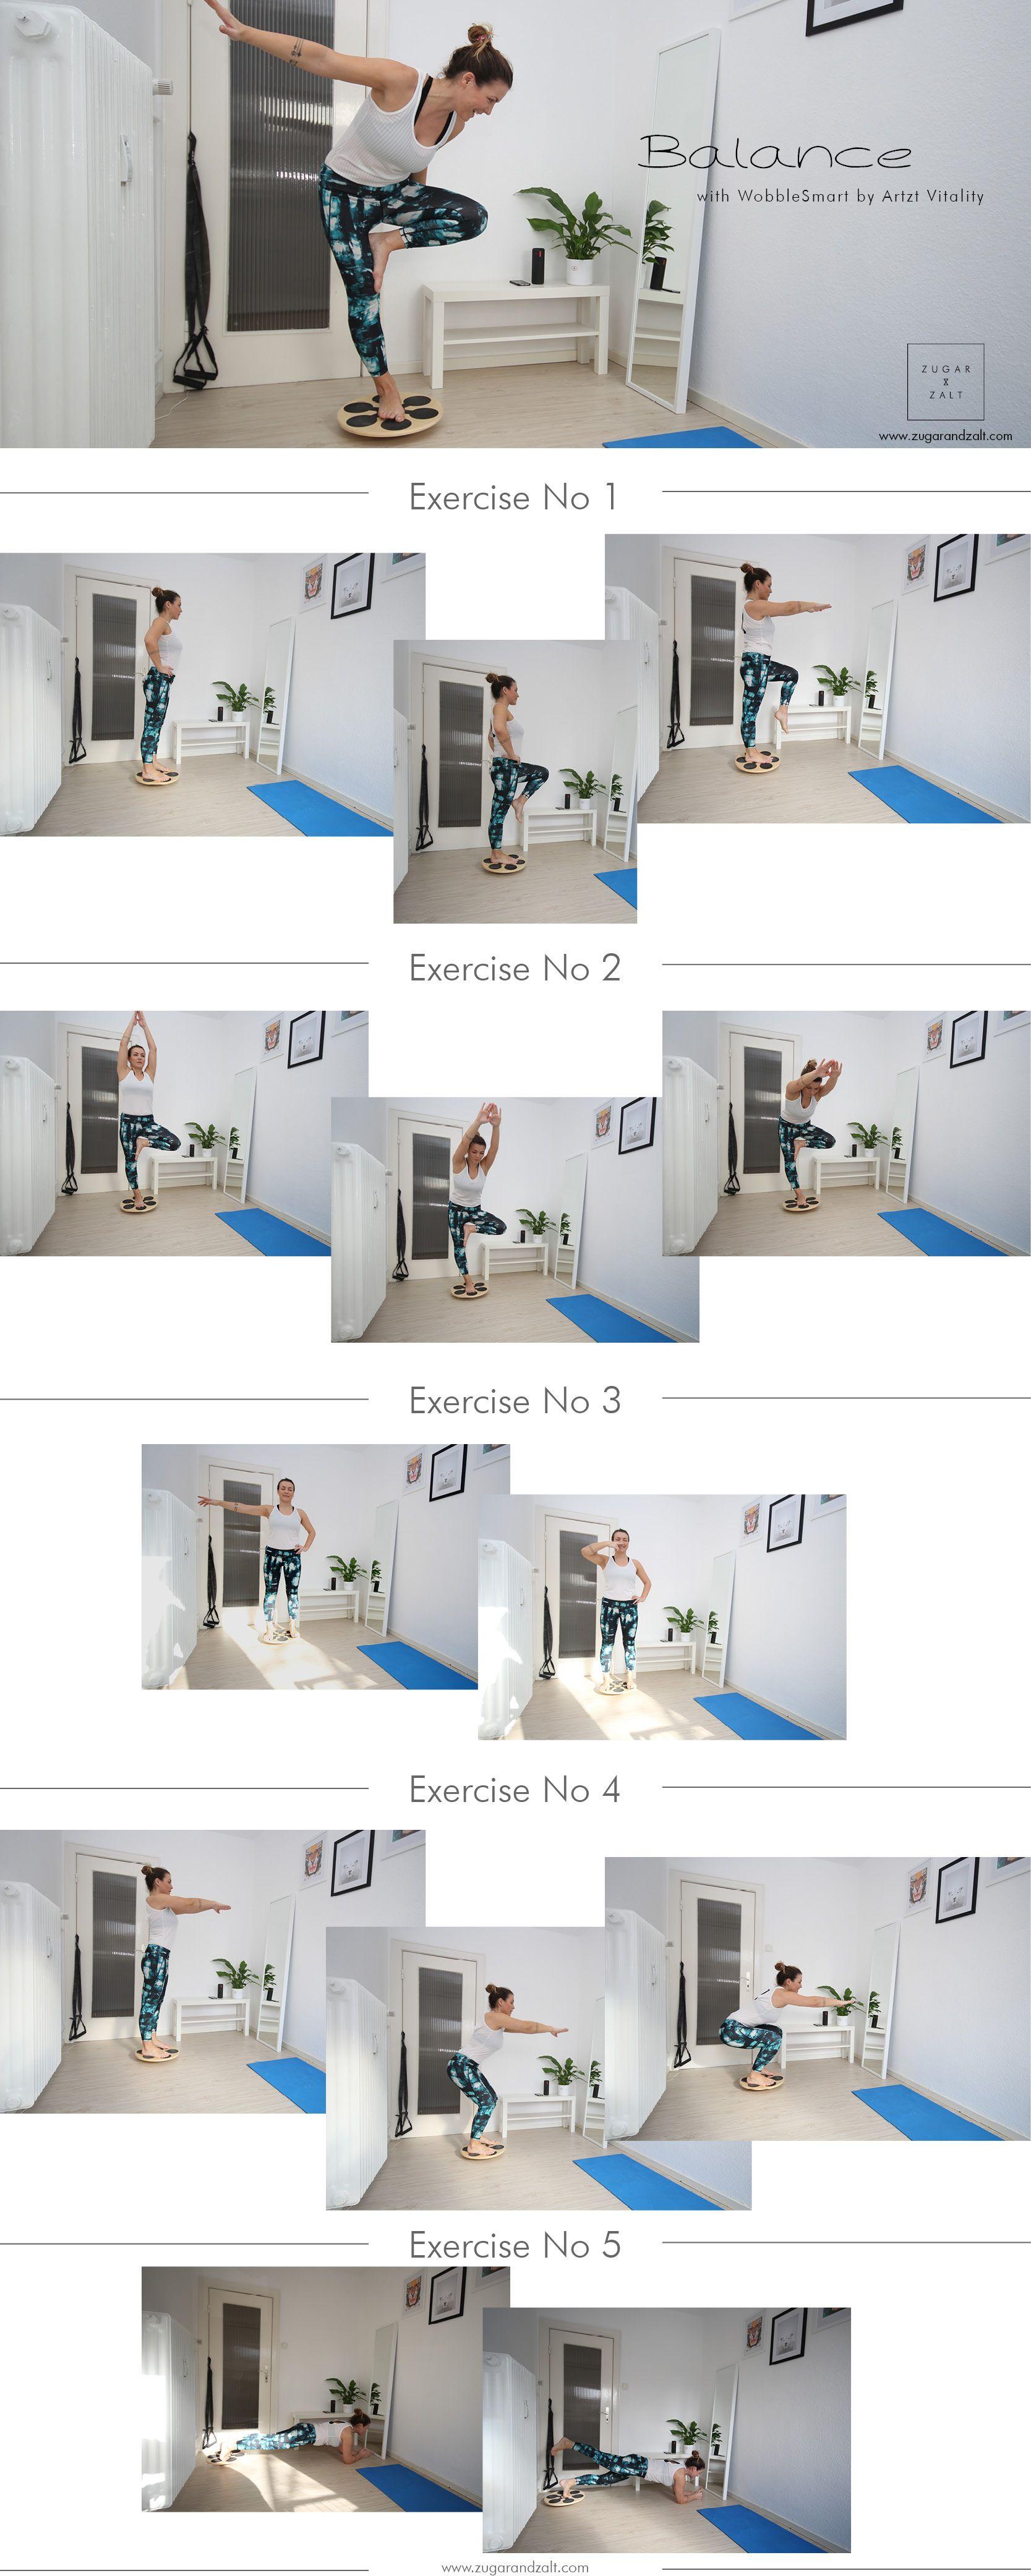 Ganzkörper-Übungen mit WobbleSmart _ Stabilität und Balance